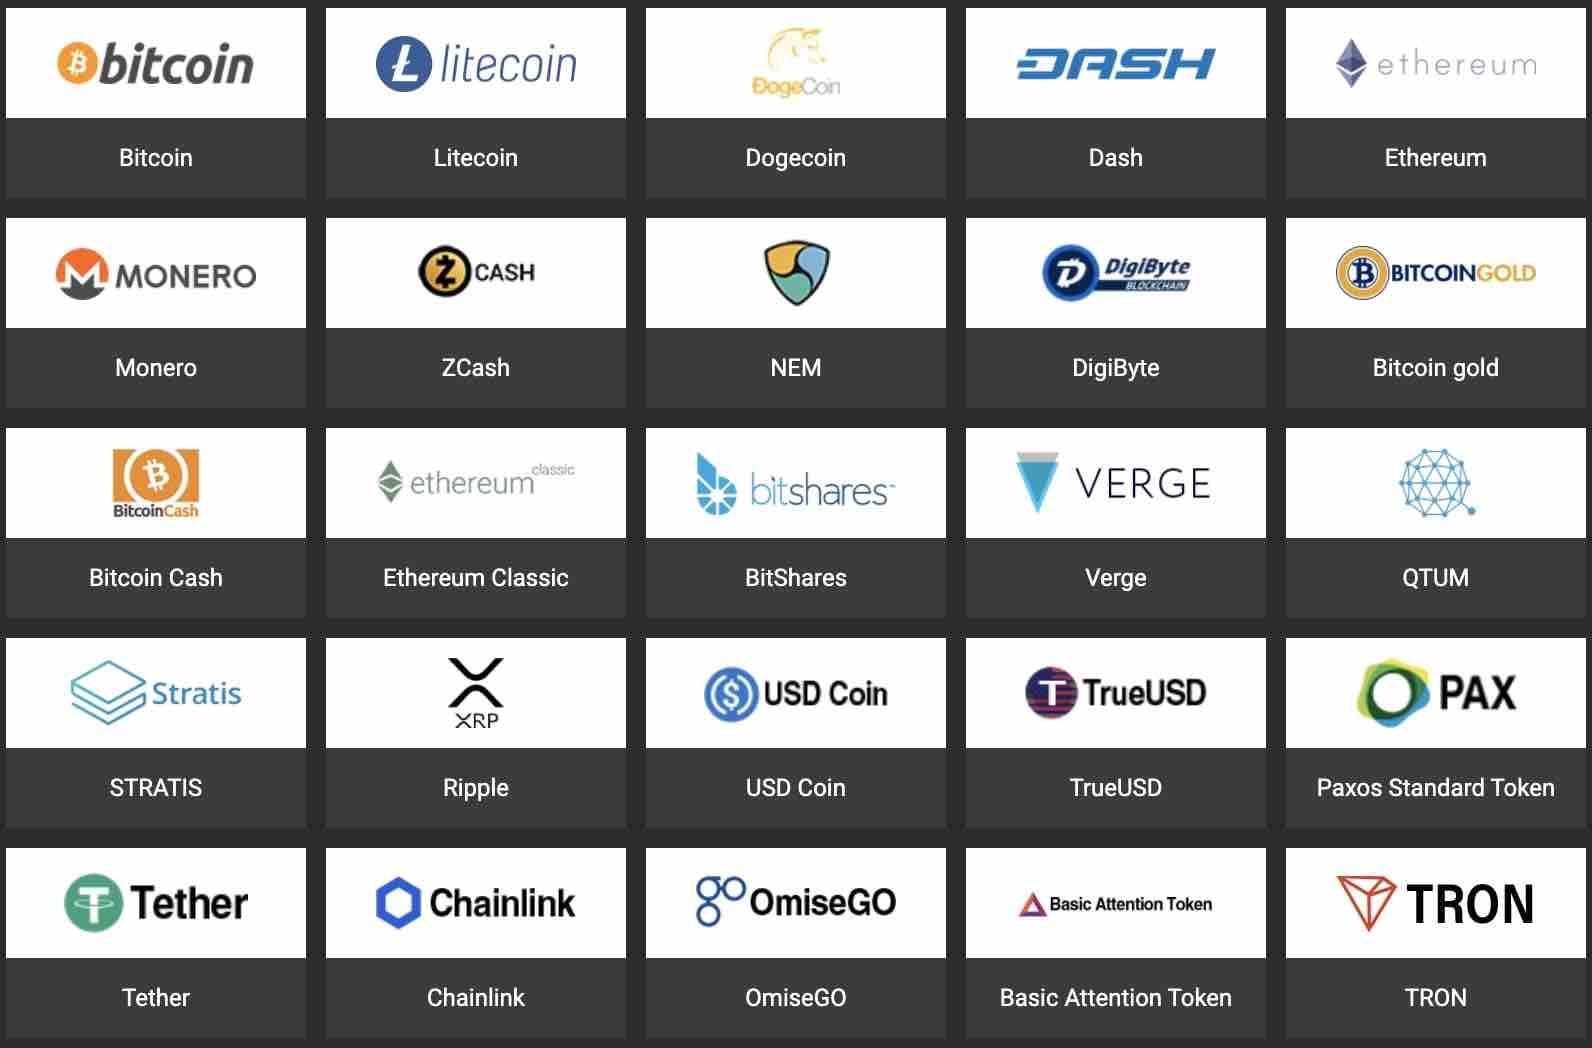 todas las criptomonedas aceptadas en 1xbit uno de los mejores sitios de apuestas deportivas bitcoin